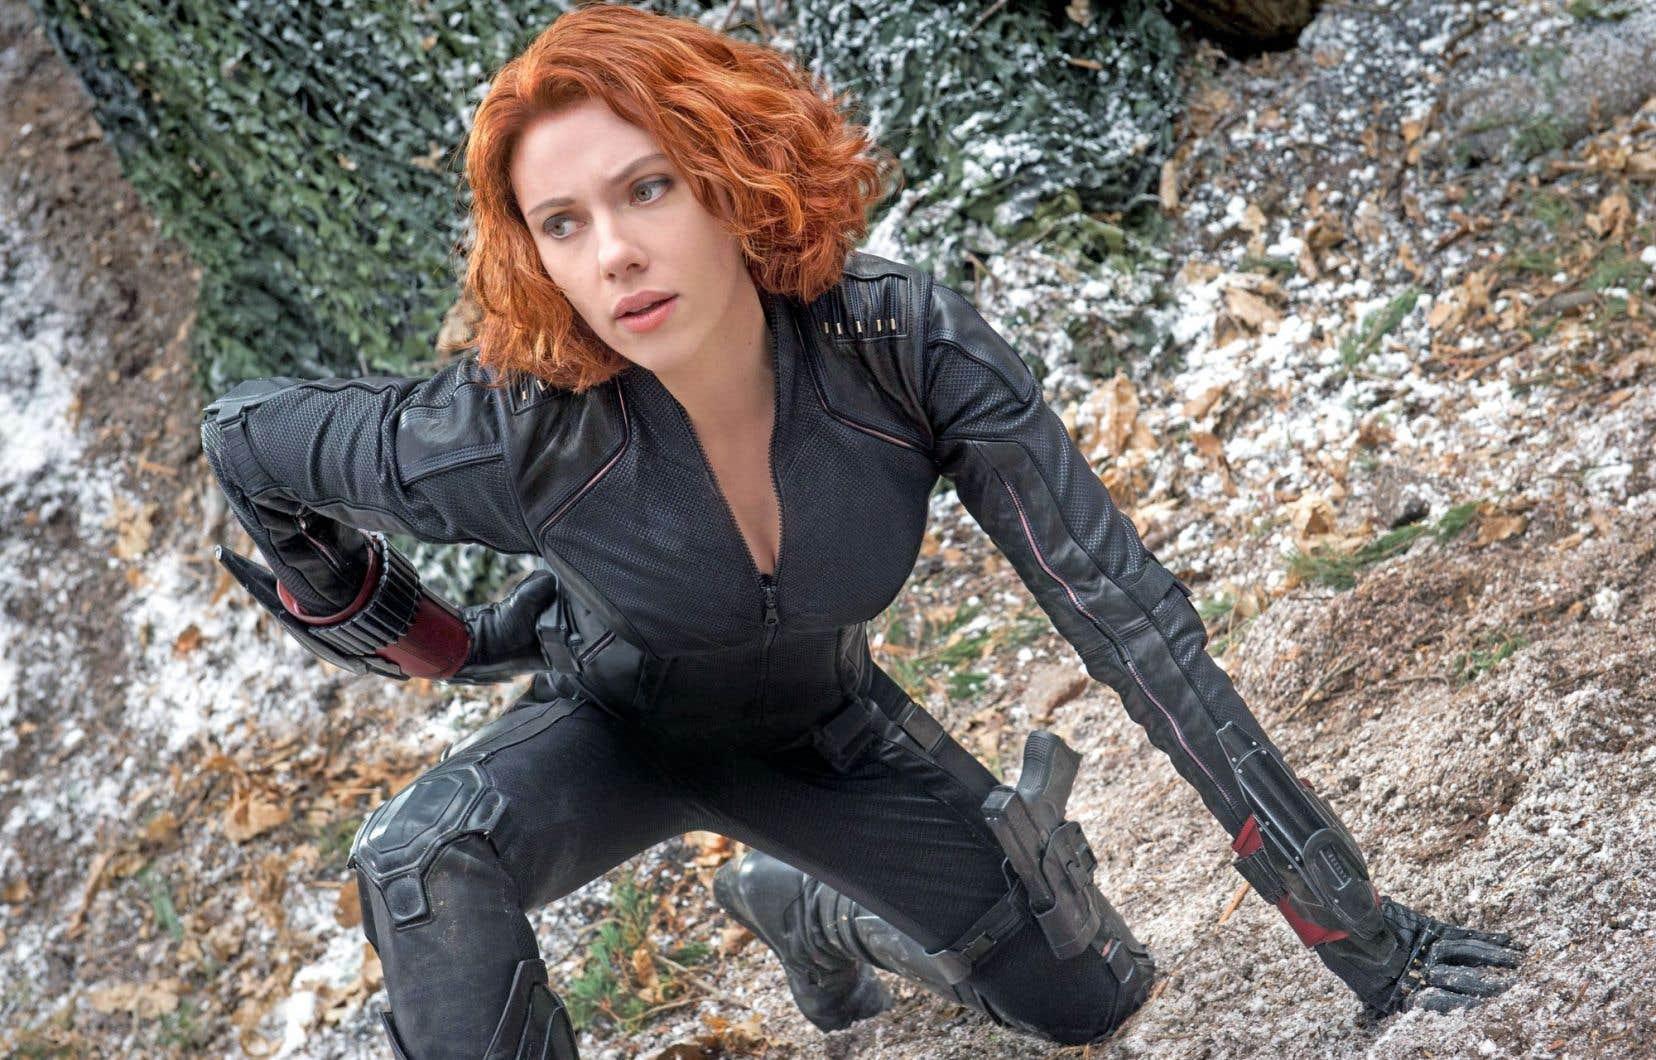 Après sa participation à la franchise des Avengers, la Veuve noire de Scarlett Johansson aura droit à son propre long métrage.